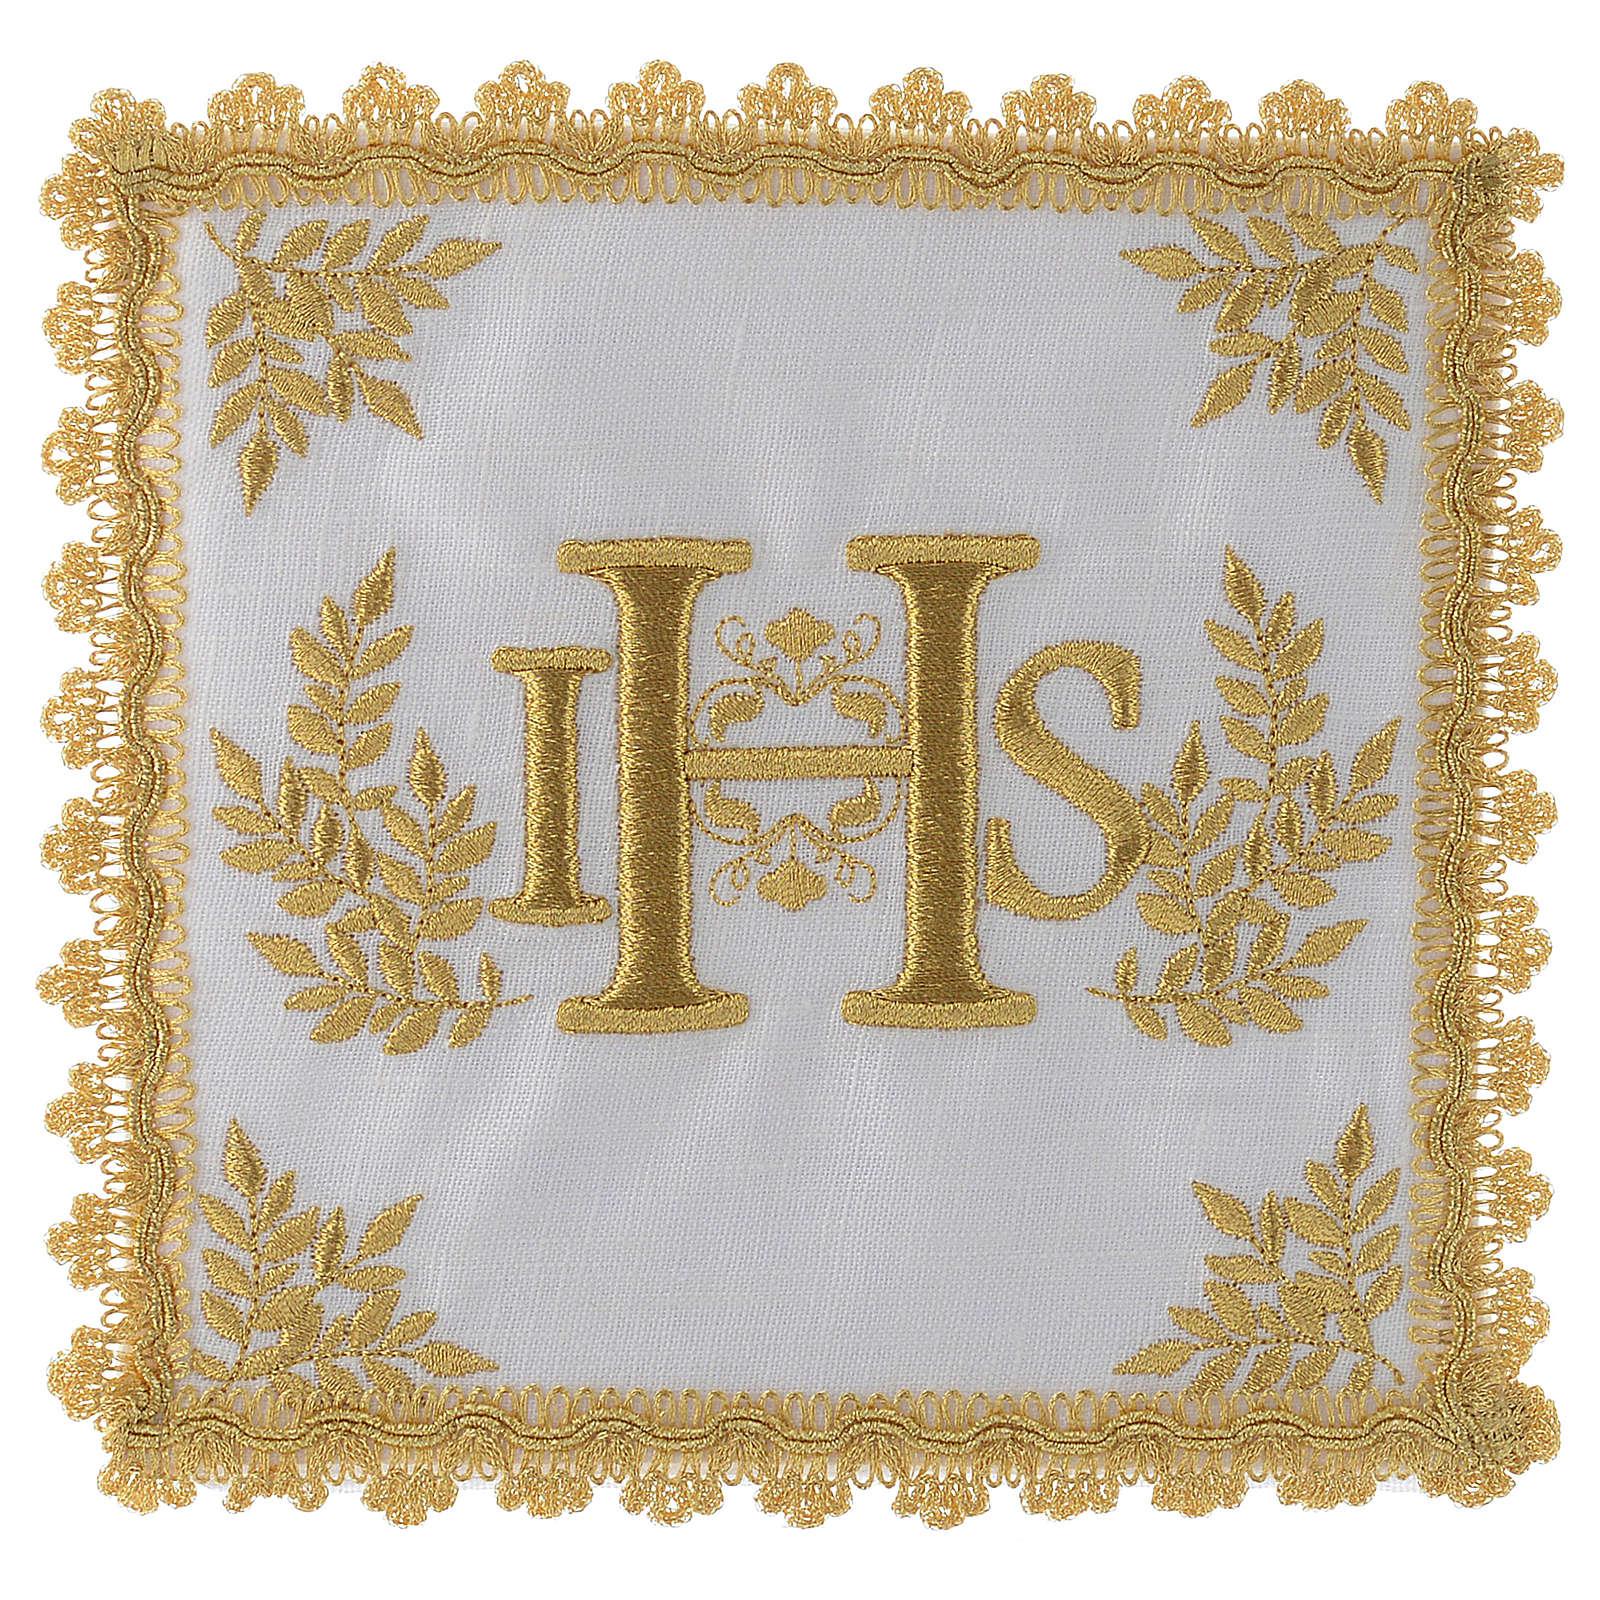 Servizio da messa lino IHS dorato 4